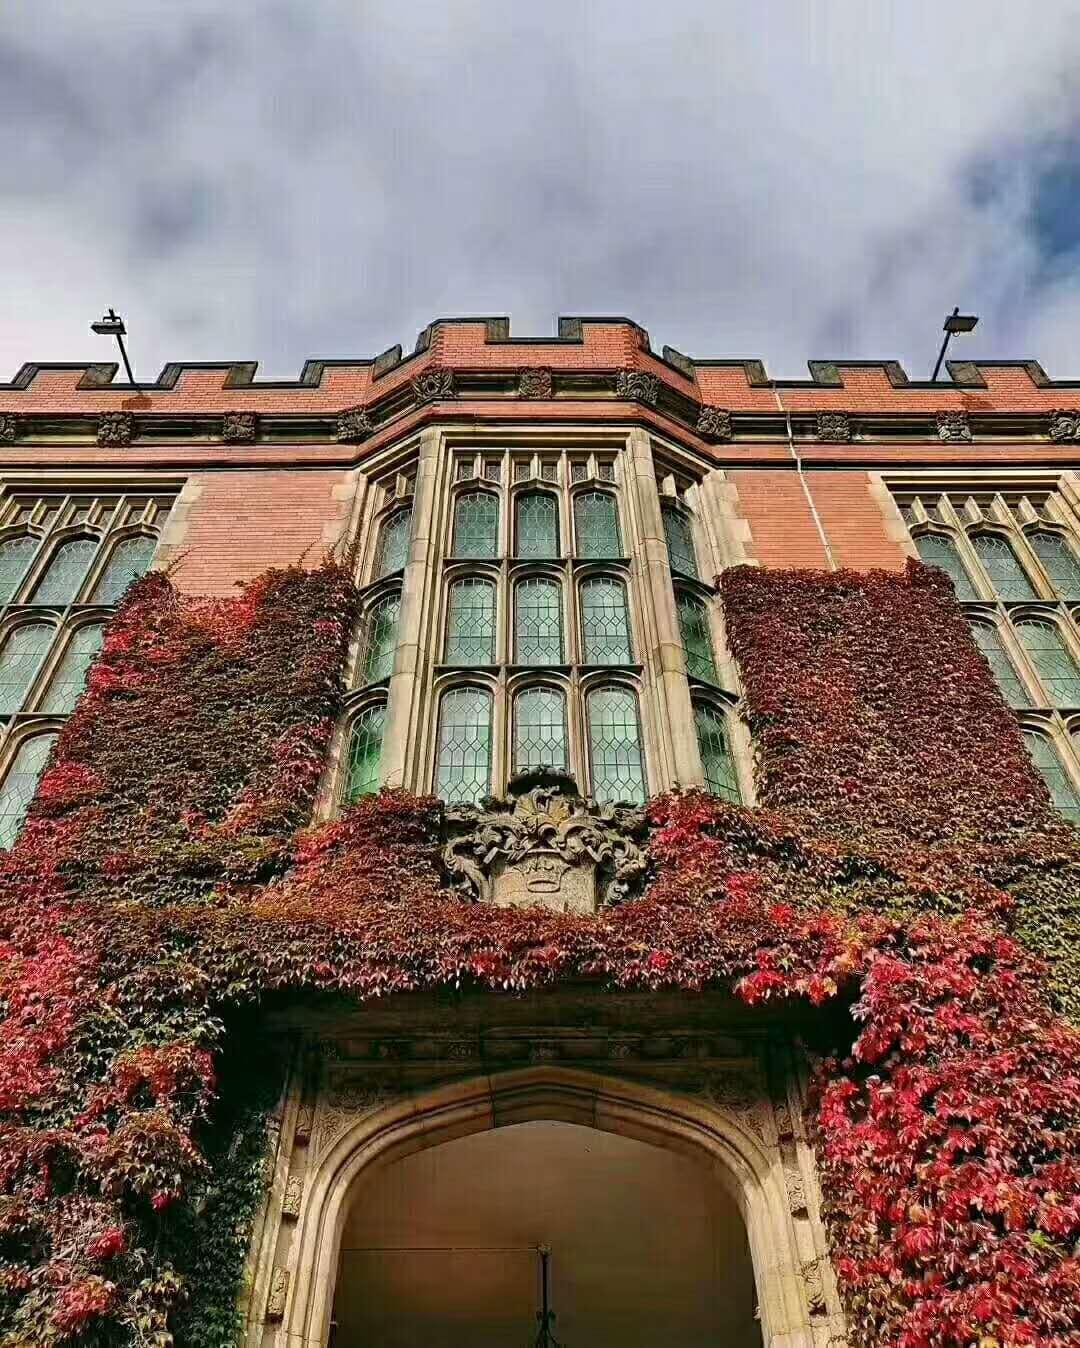 皇家艺术学院在国内知名度为什么这么高?